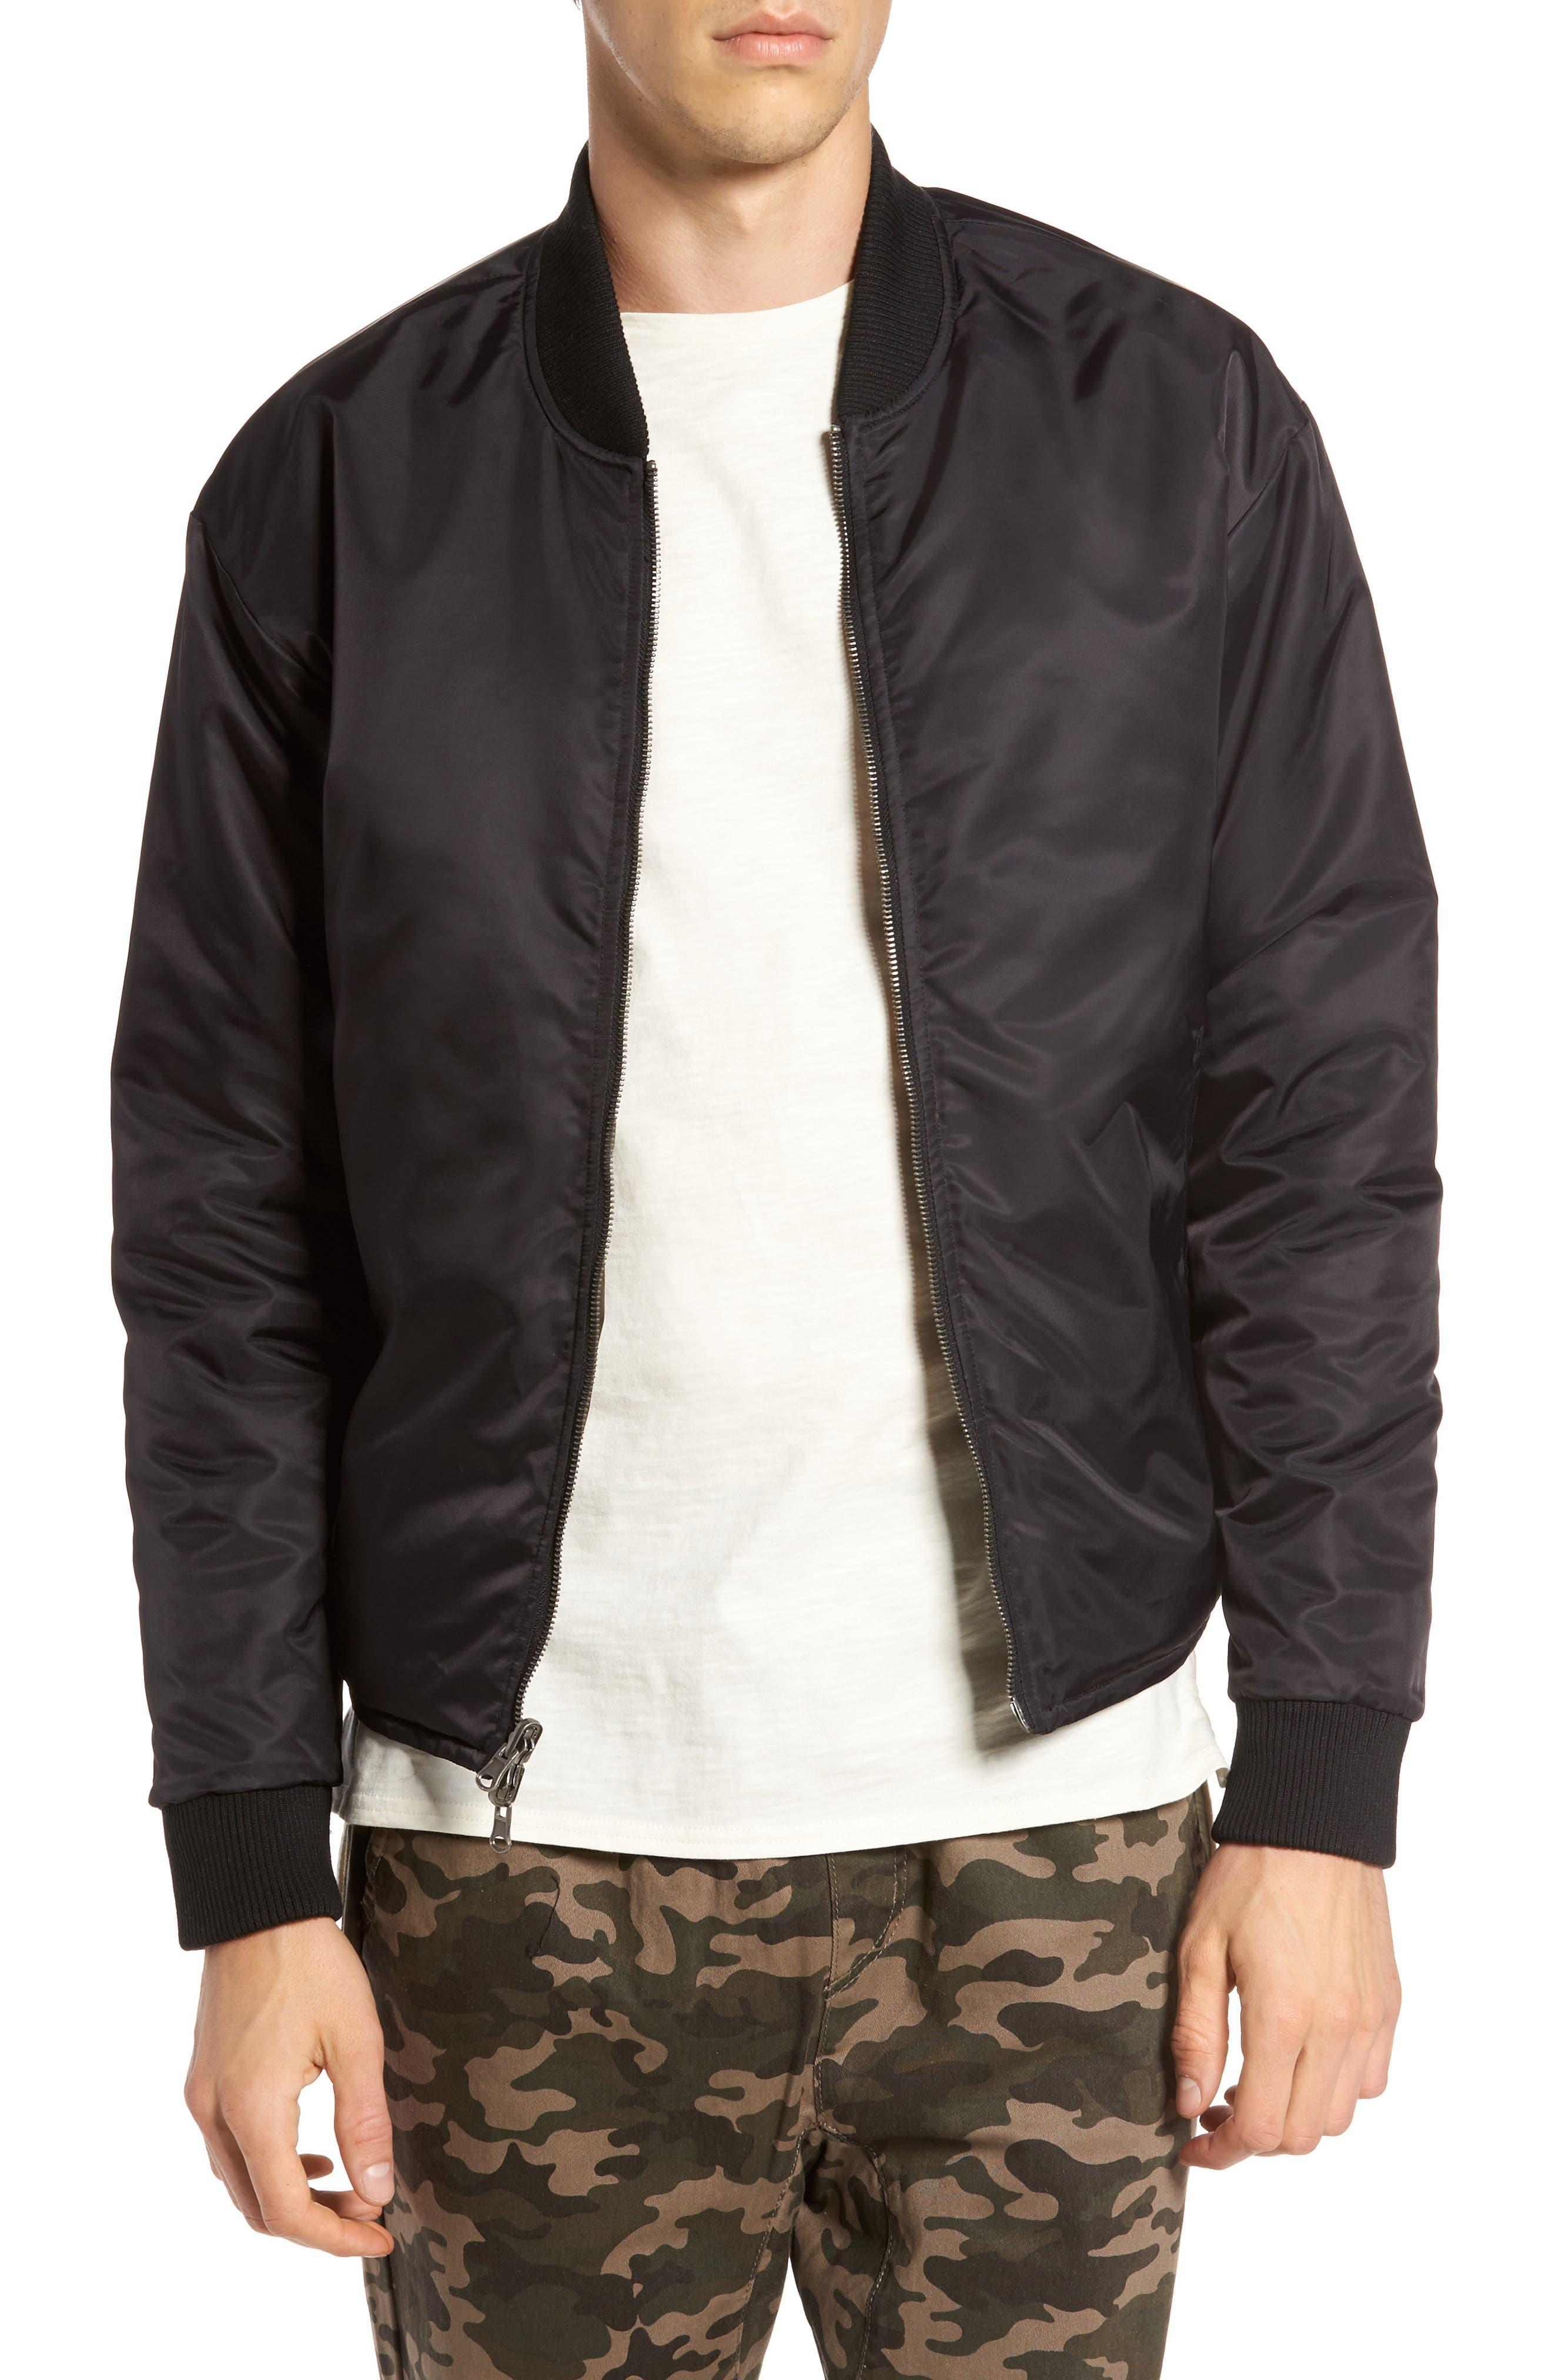 Alternate Image 1 Selected - Lira Clothing Kevion Reversible Bomber Jacket